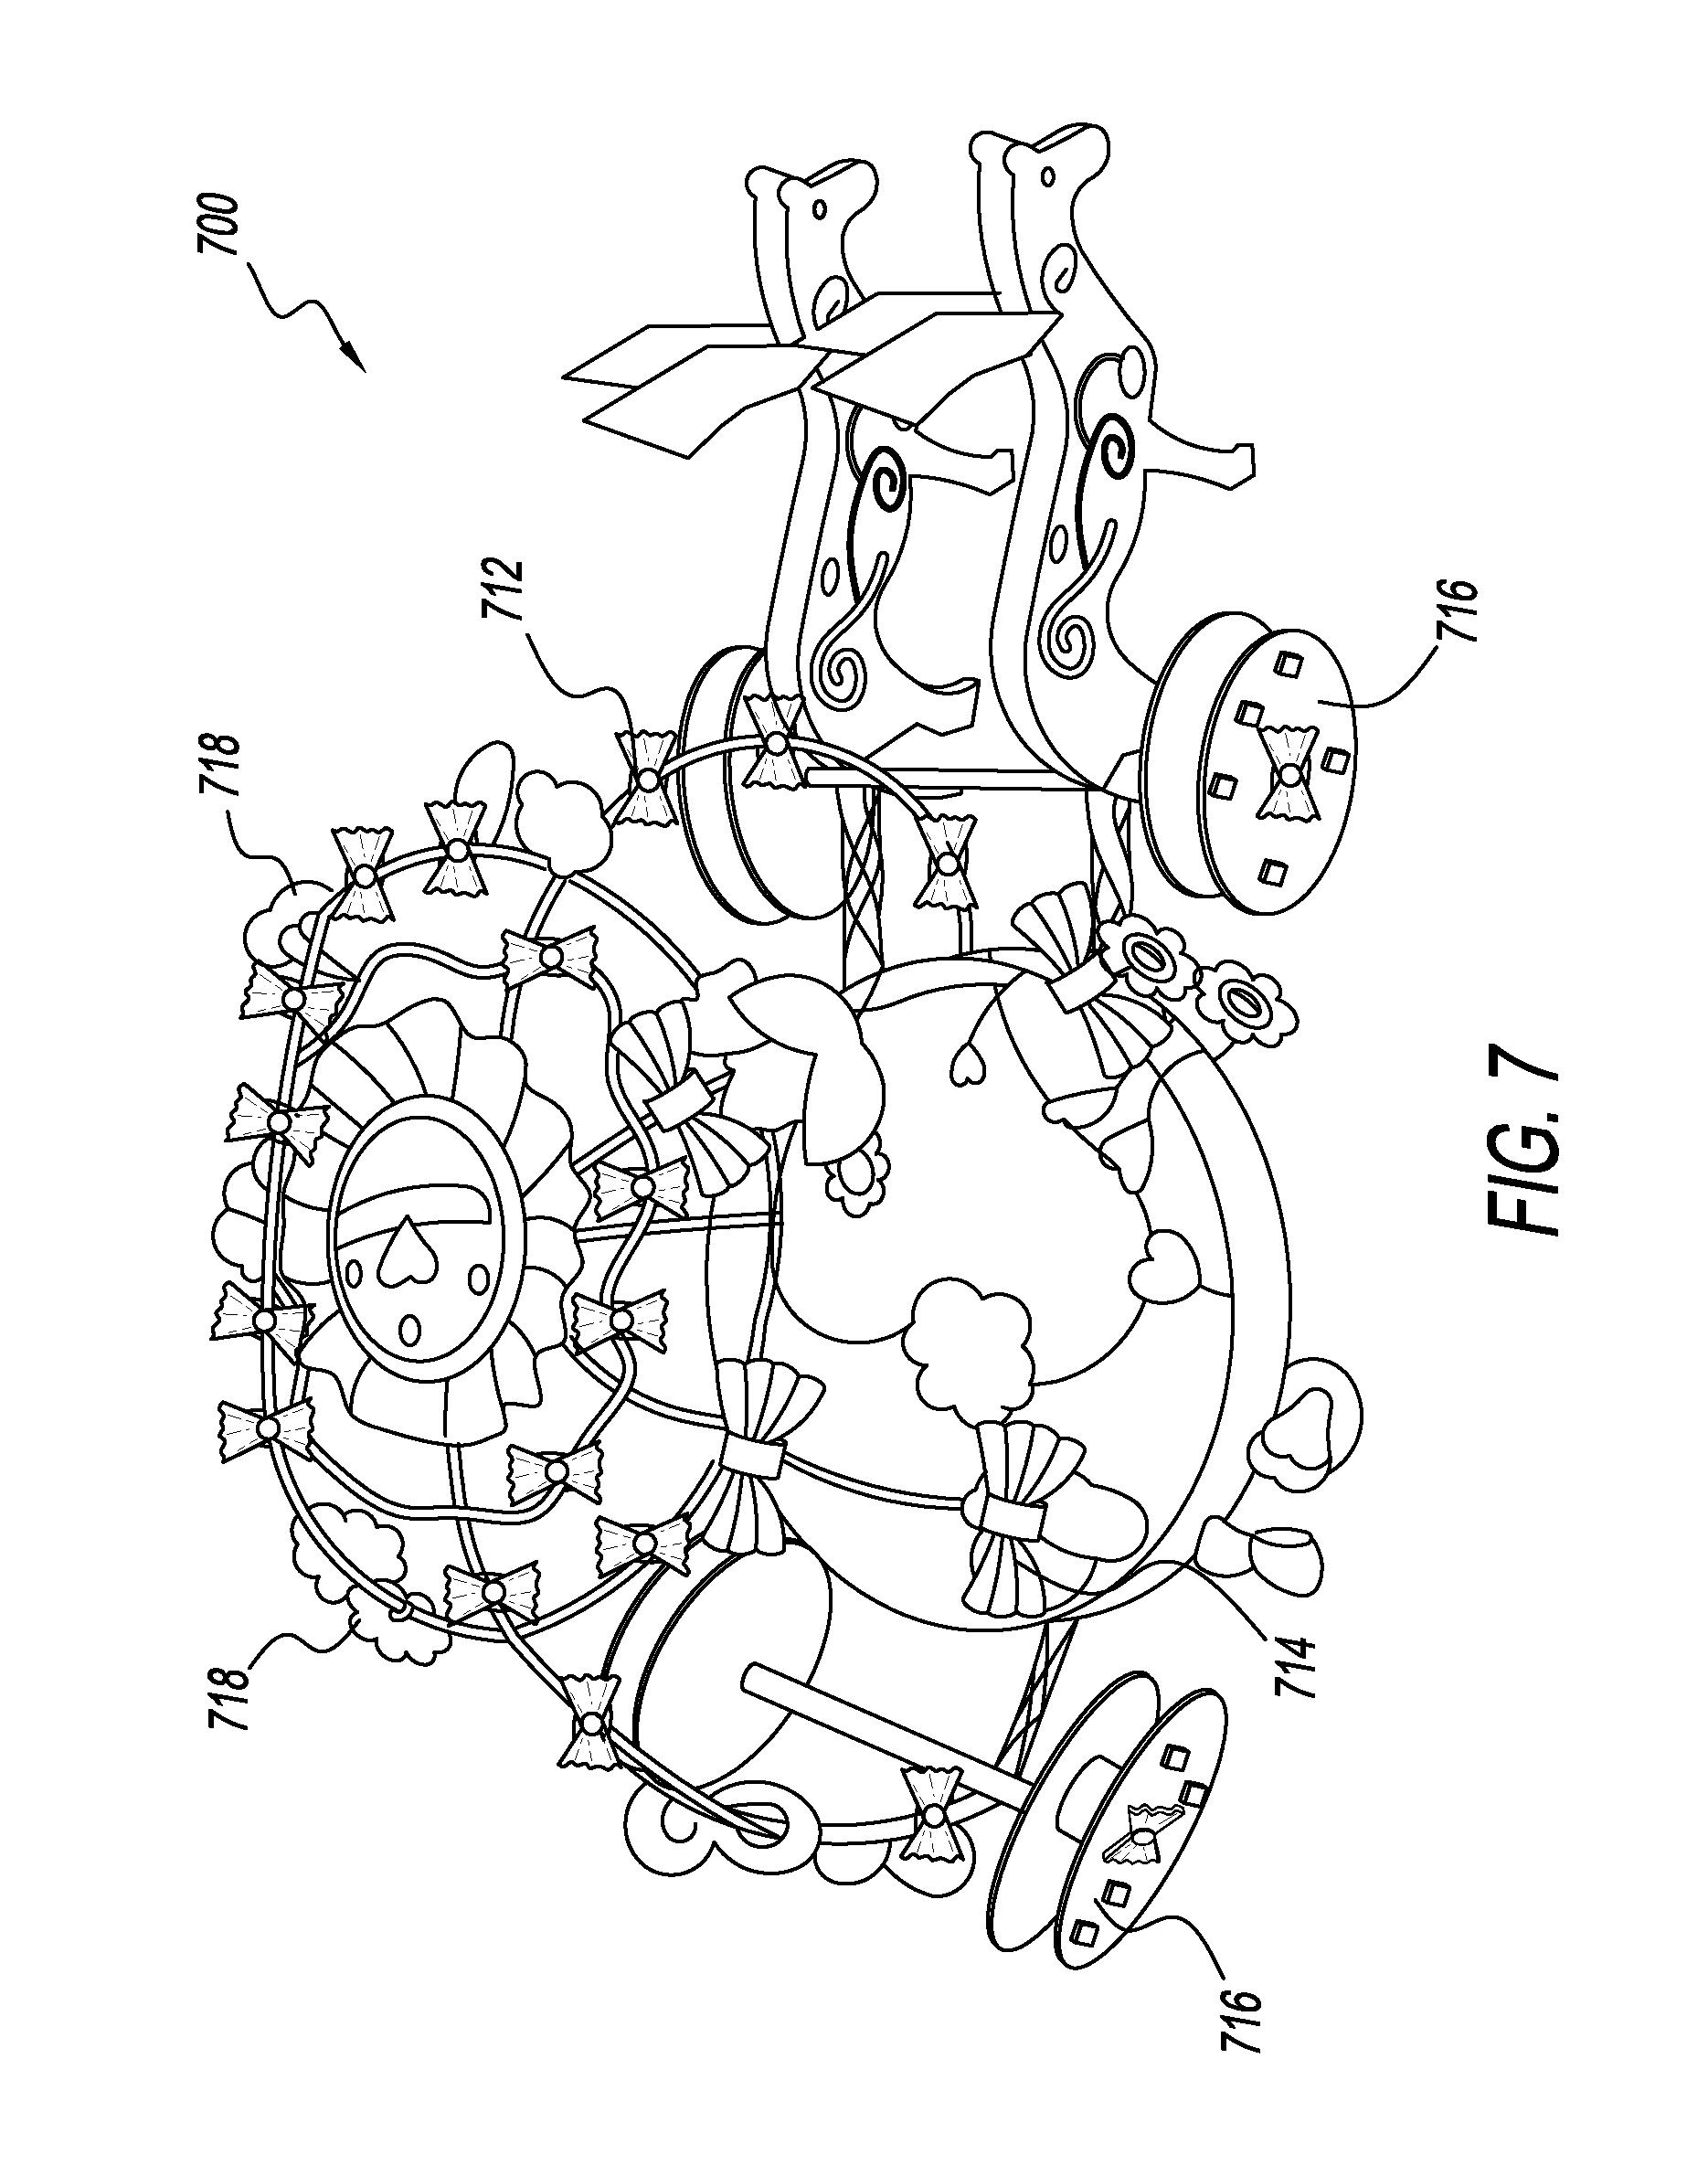 Toyota Rav4 Rear Suspension Diagram 2006 Fuse Box Parts Starter Html